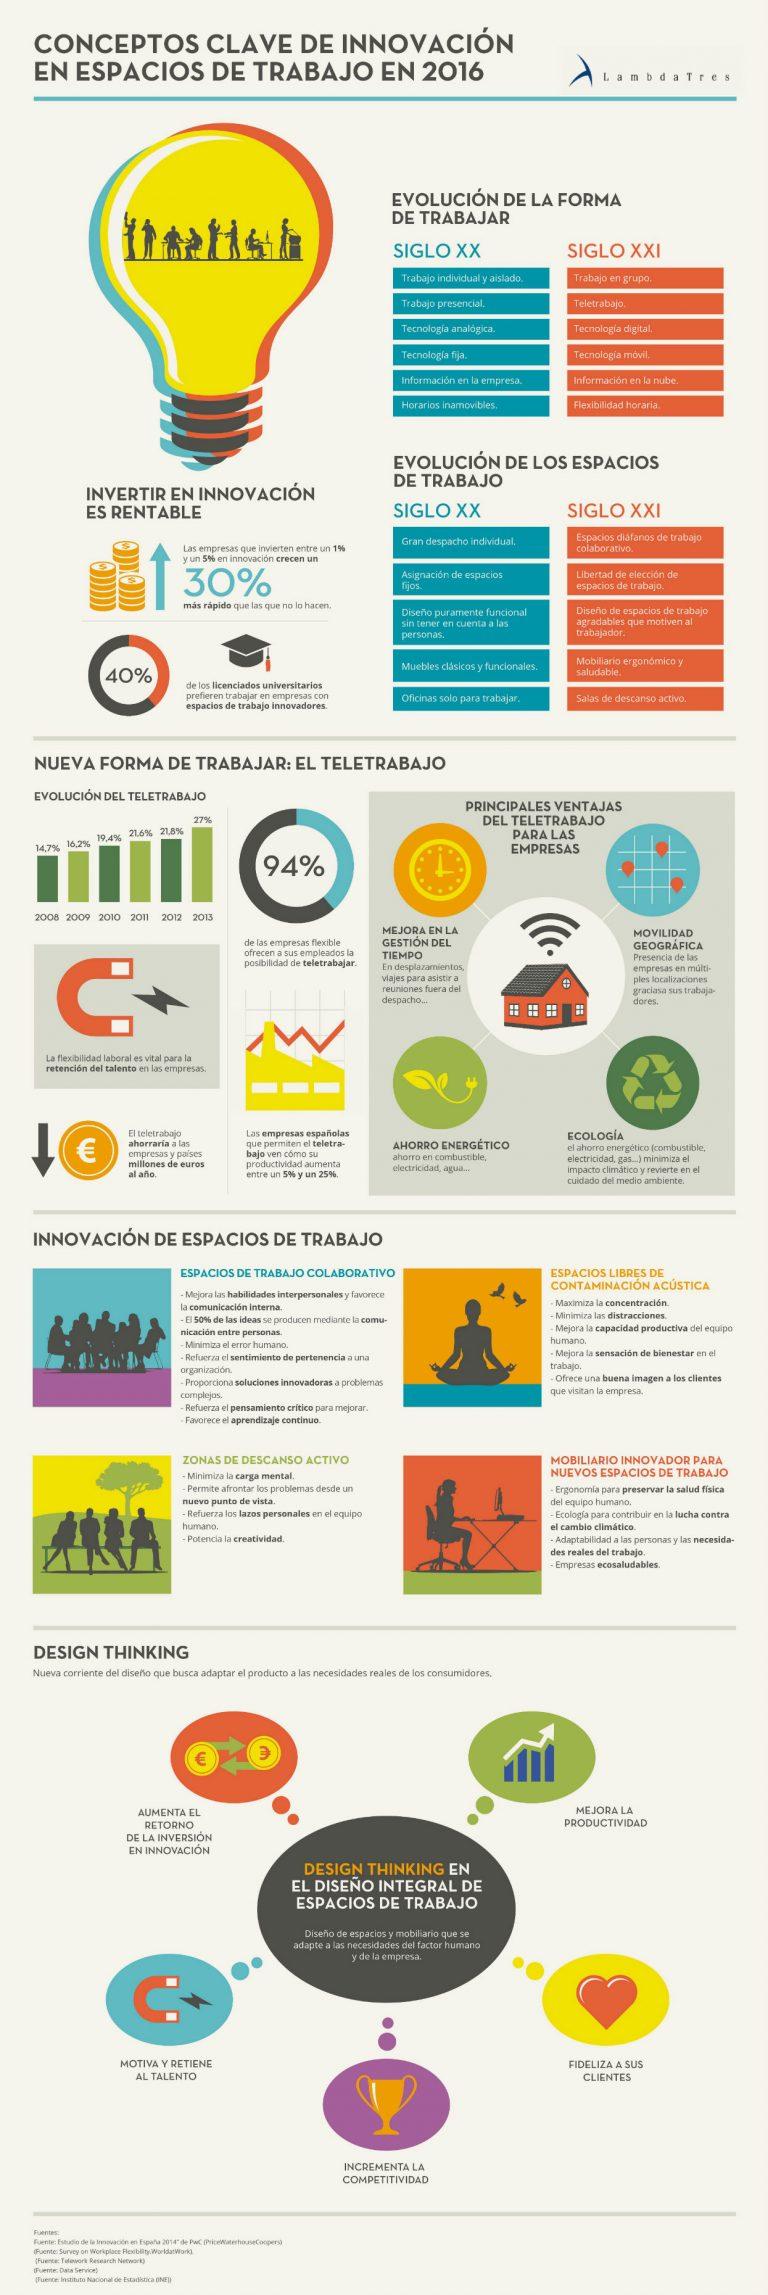 Innovación en espacios de trabajo